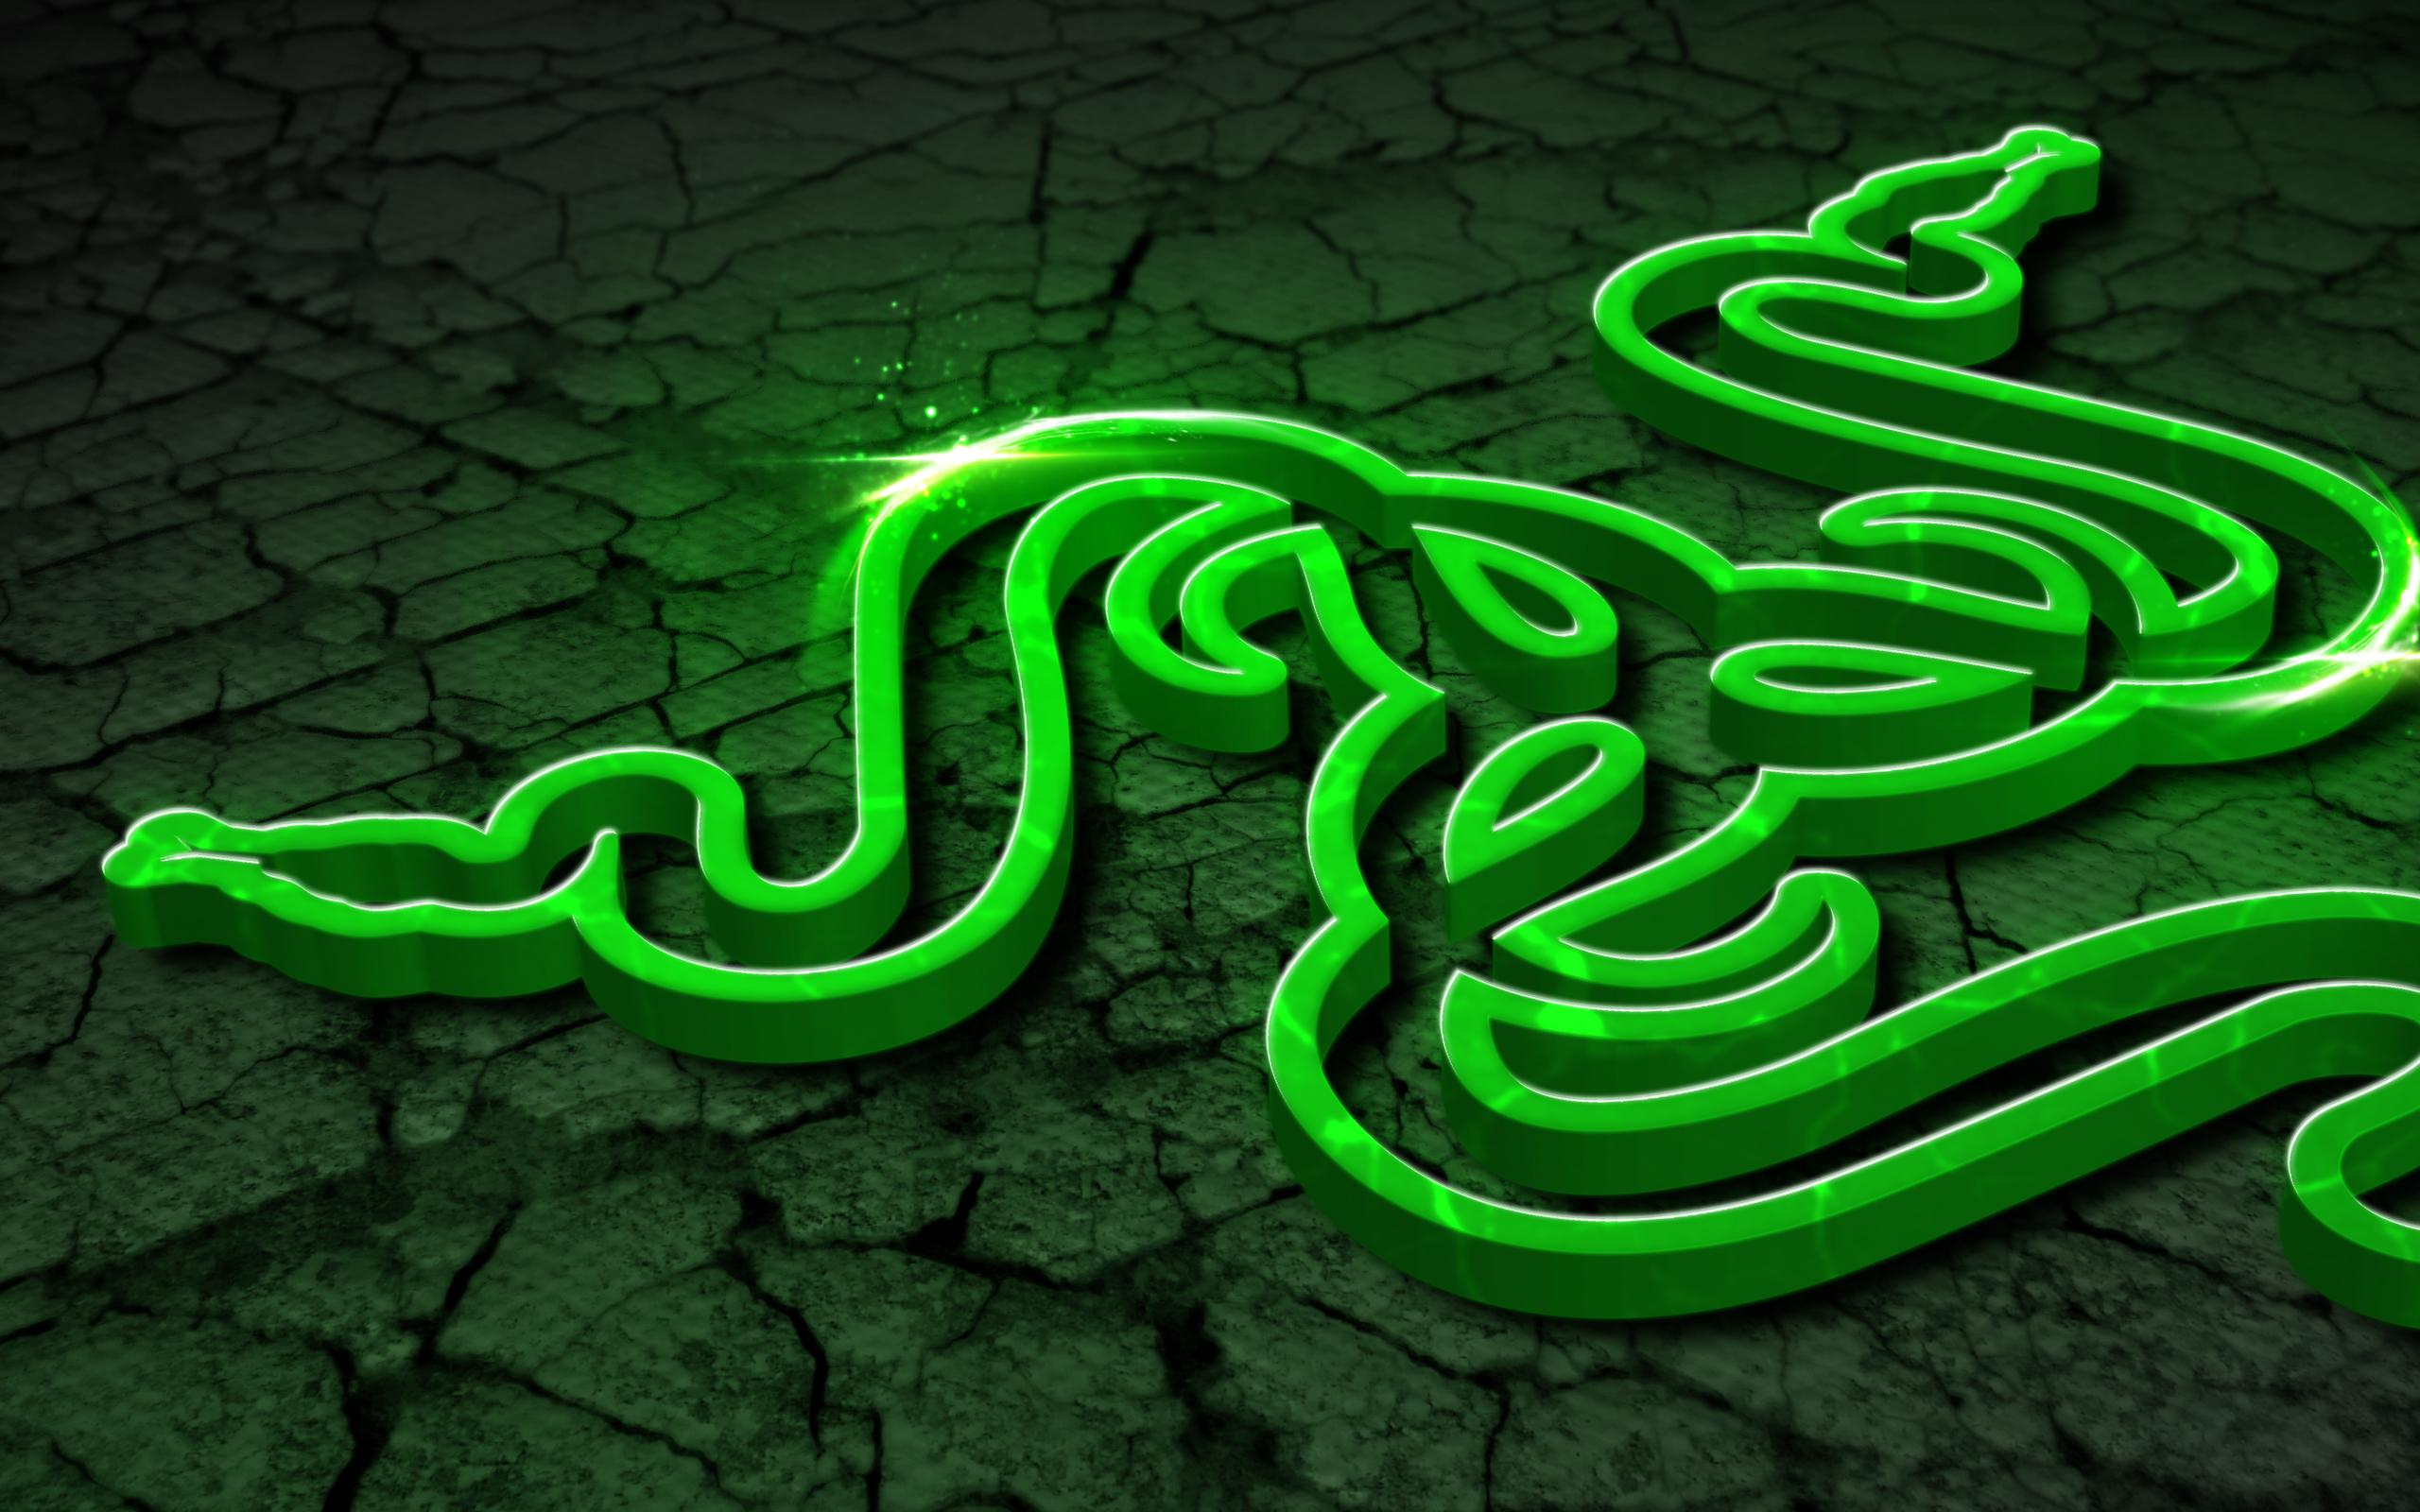 求雷蛇razer 高清壁纸